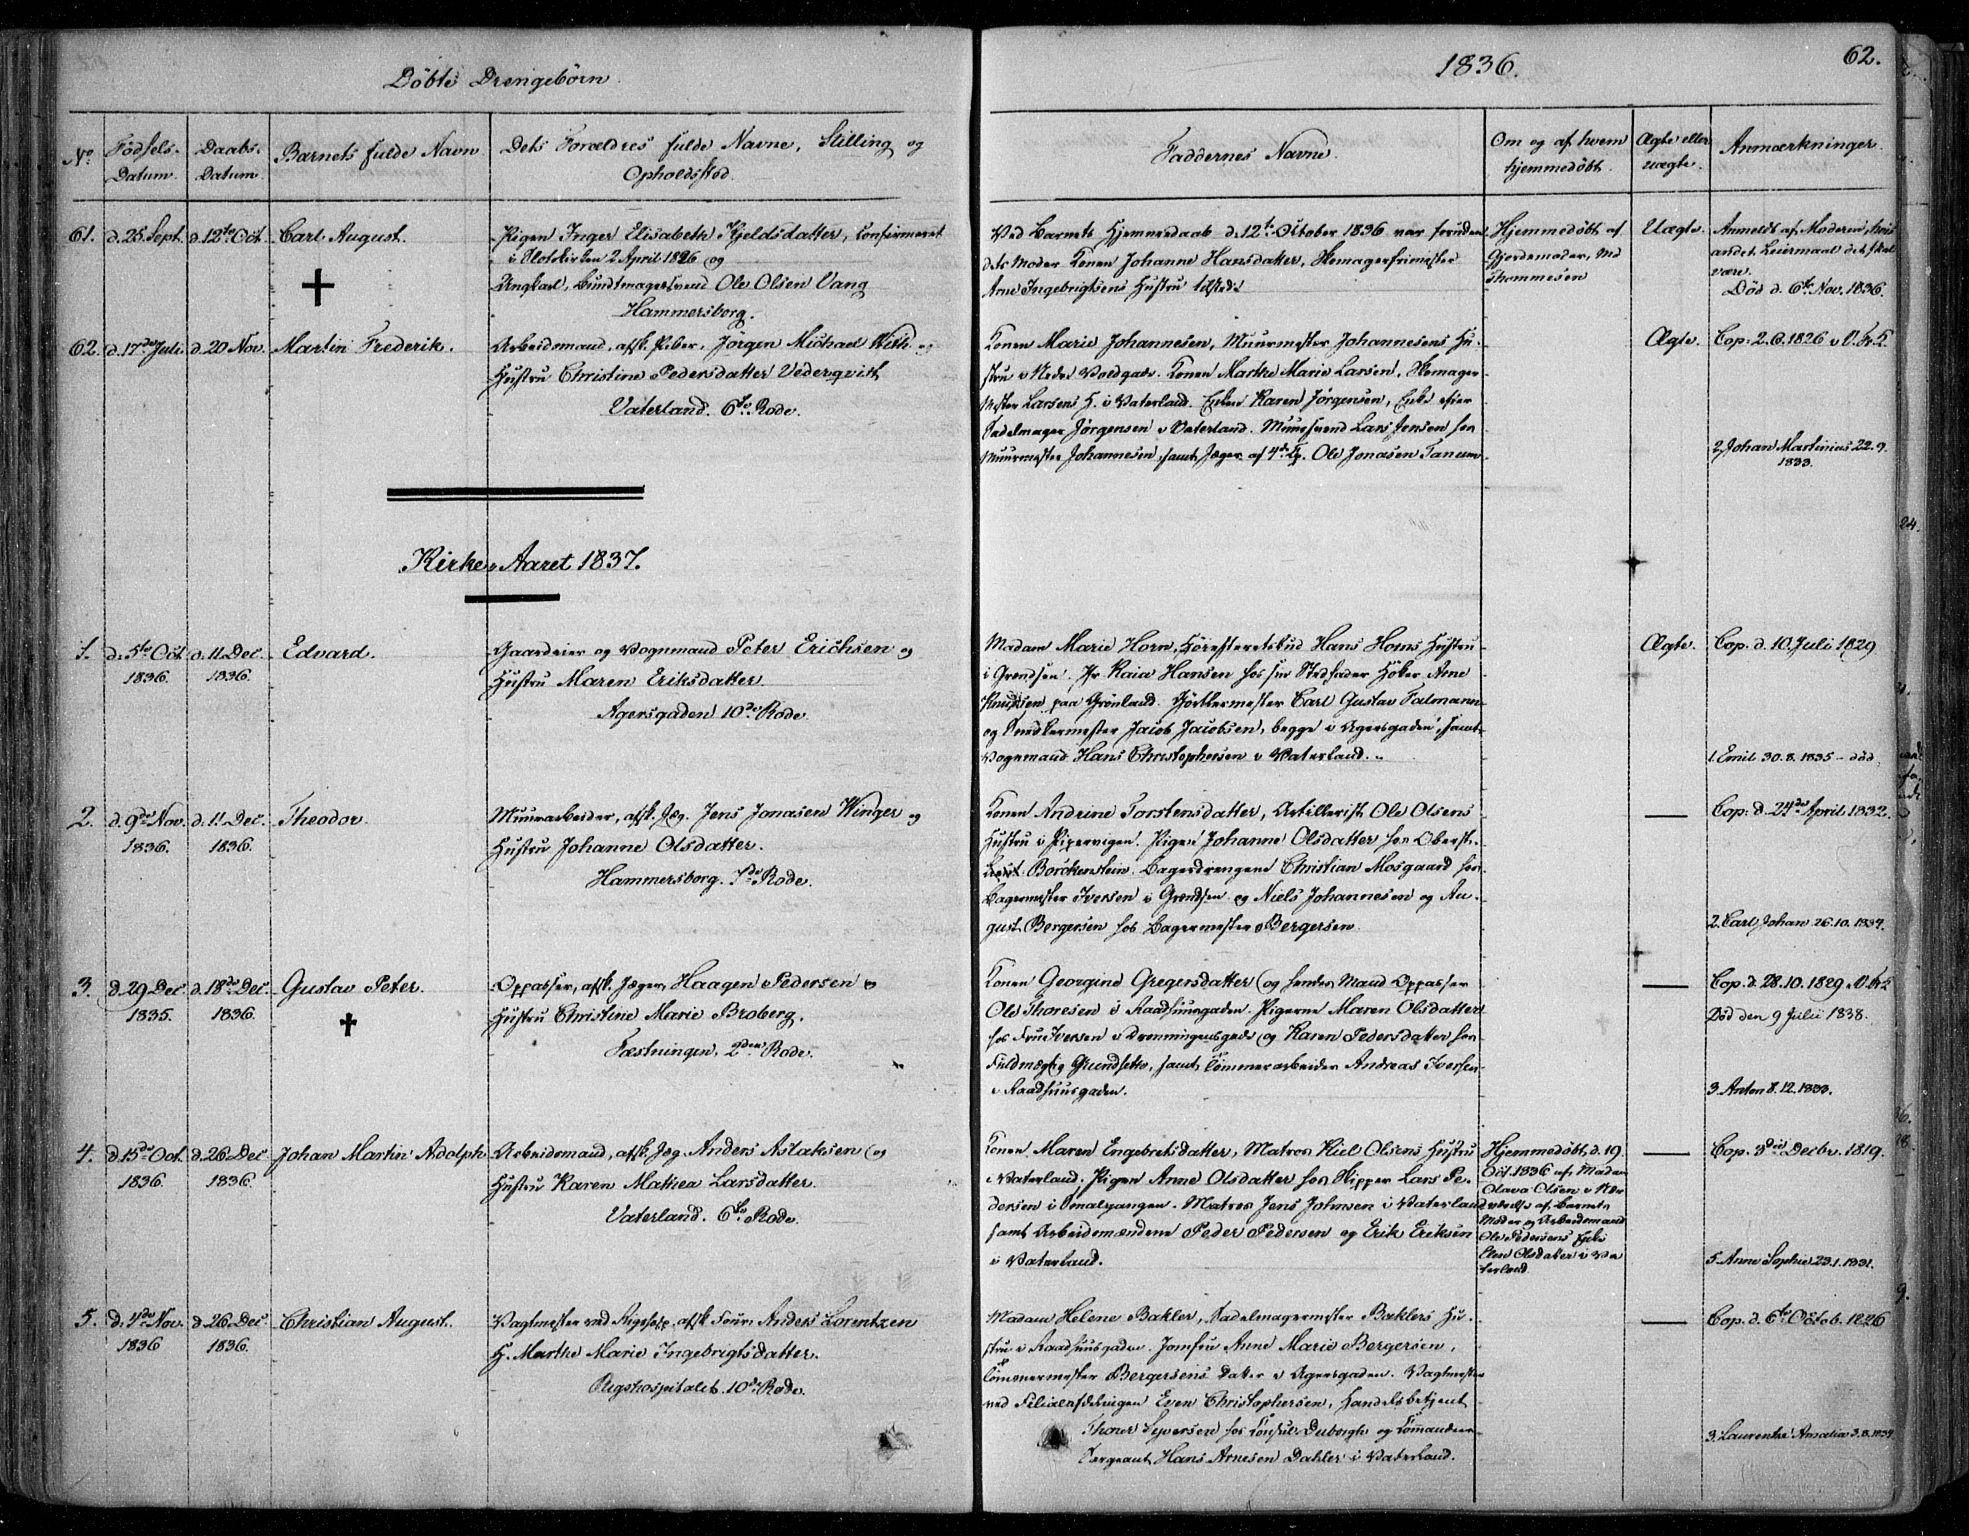 SAO, Garnisonsmenigheten Kirkebøker, F/Fa/L0006: Ministerialbok nr. 6, 1828-1841, s. 62